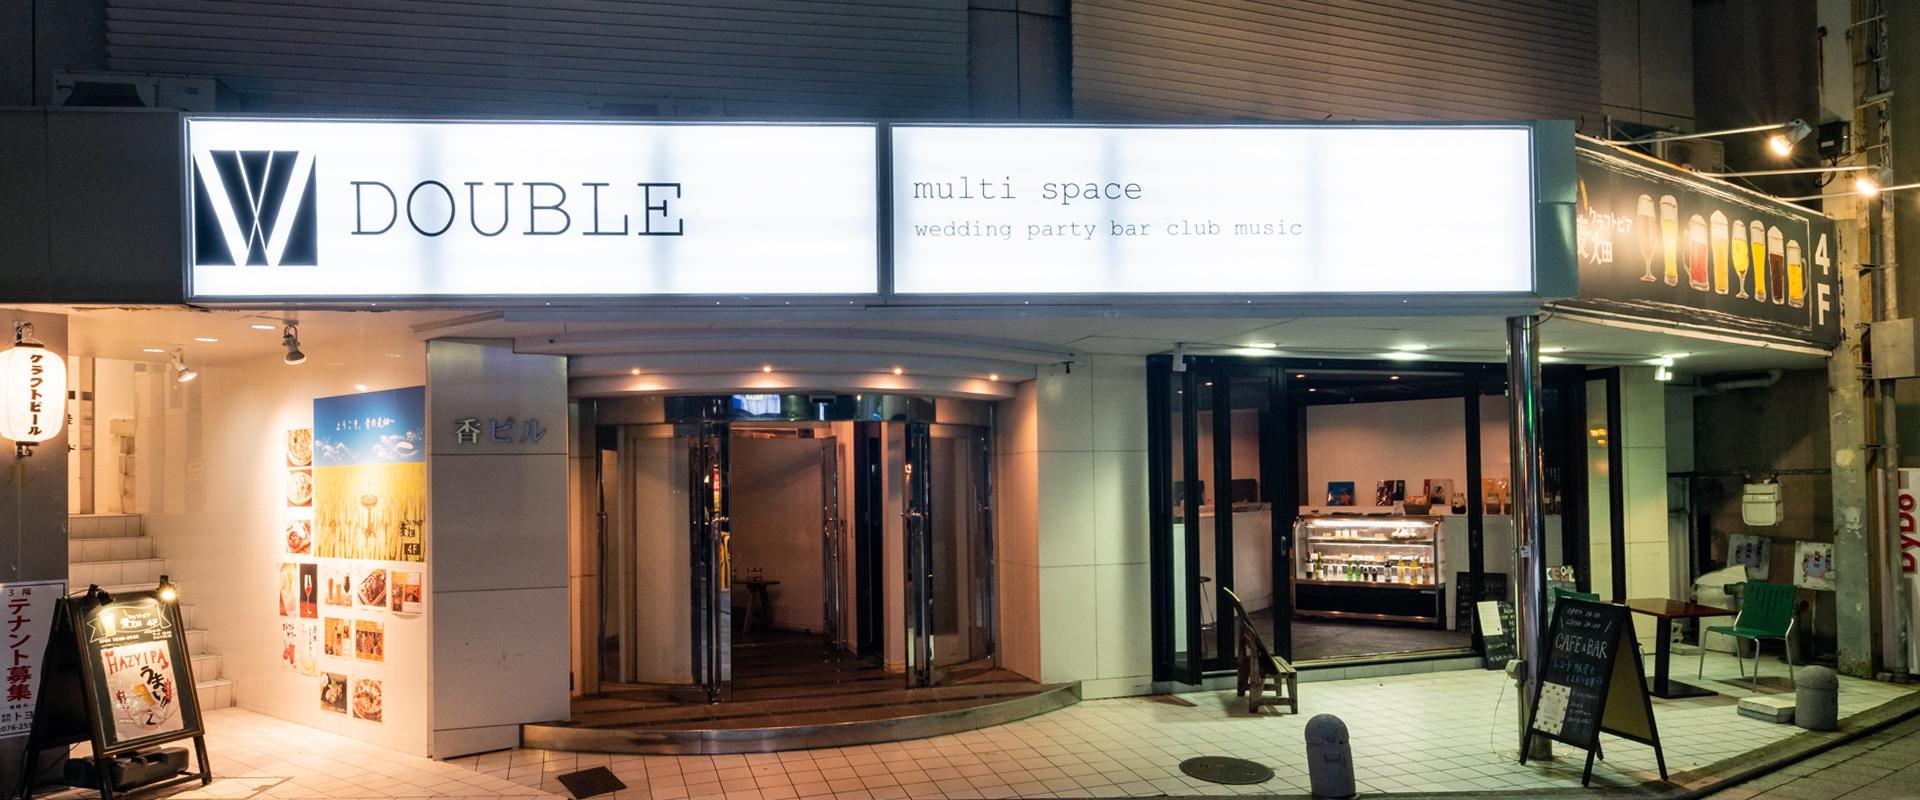 石川県金沢市の2次会やパーティーなどを行うマルチスペースダブルの店内写真